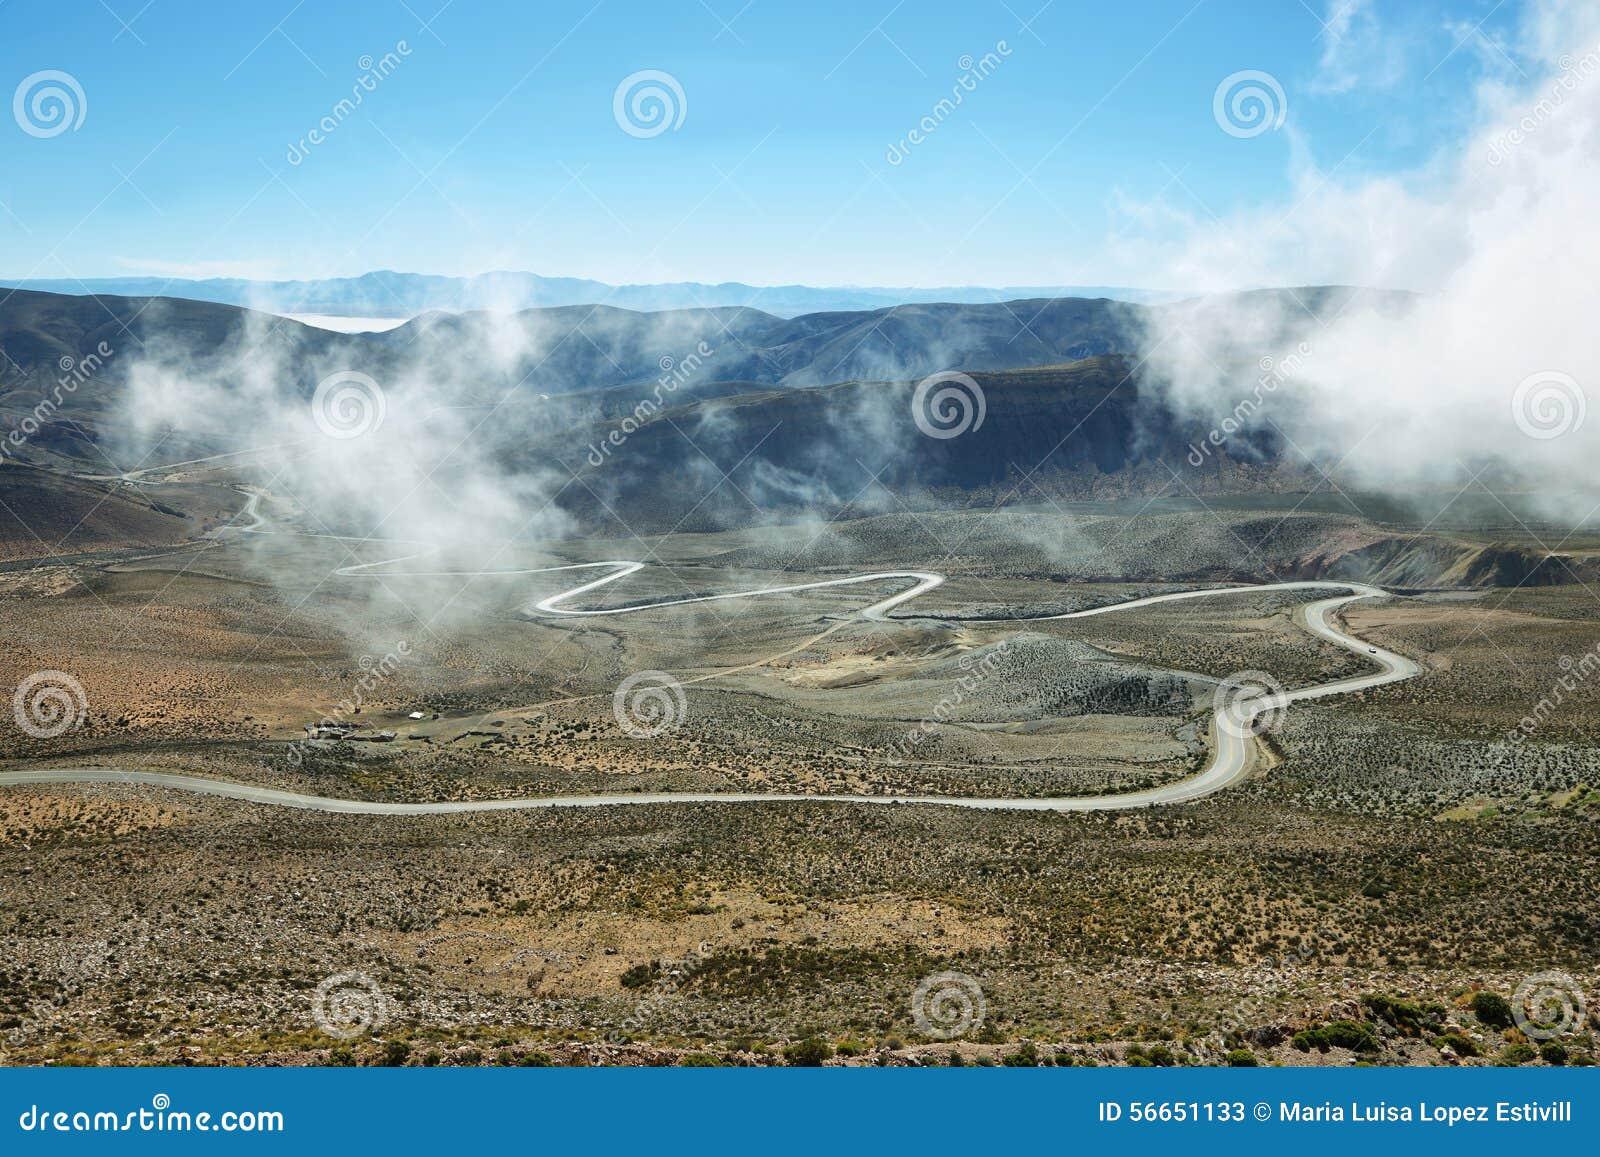 Vista de la carretera con curvas conocida como Cuesta de Lipan